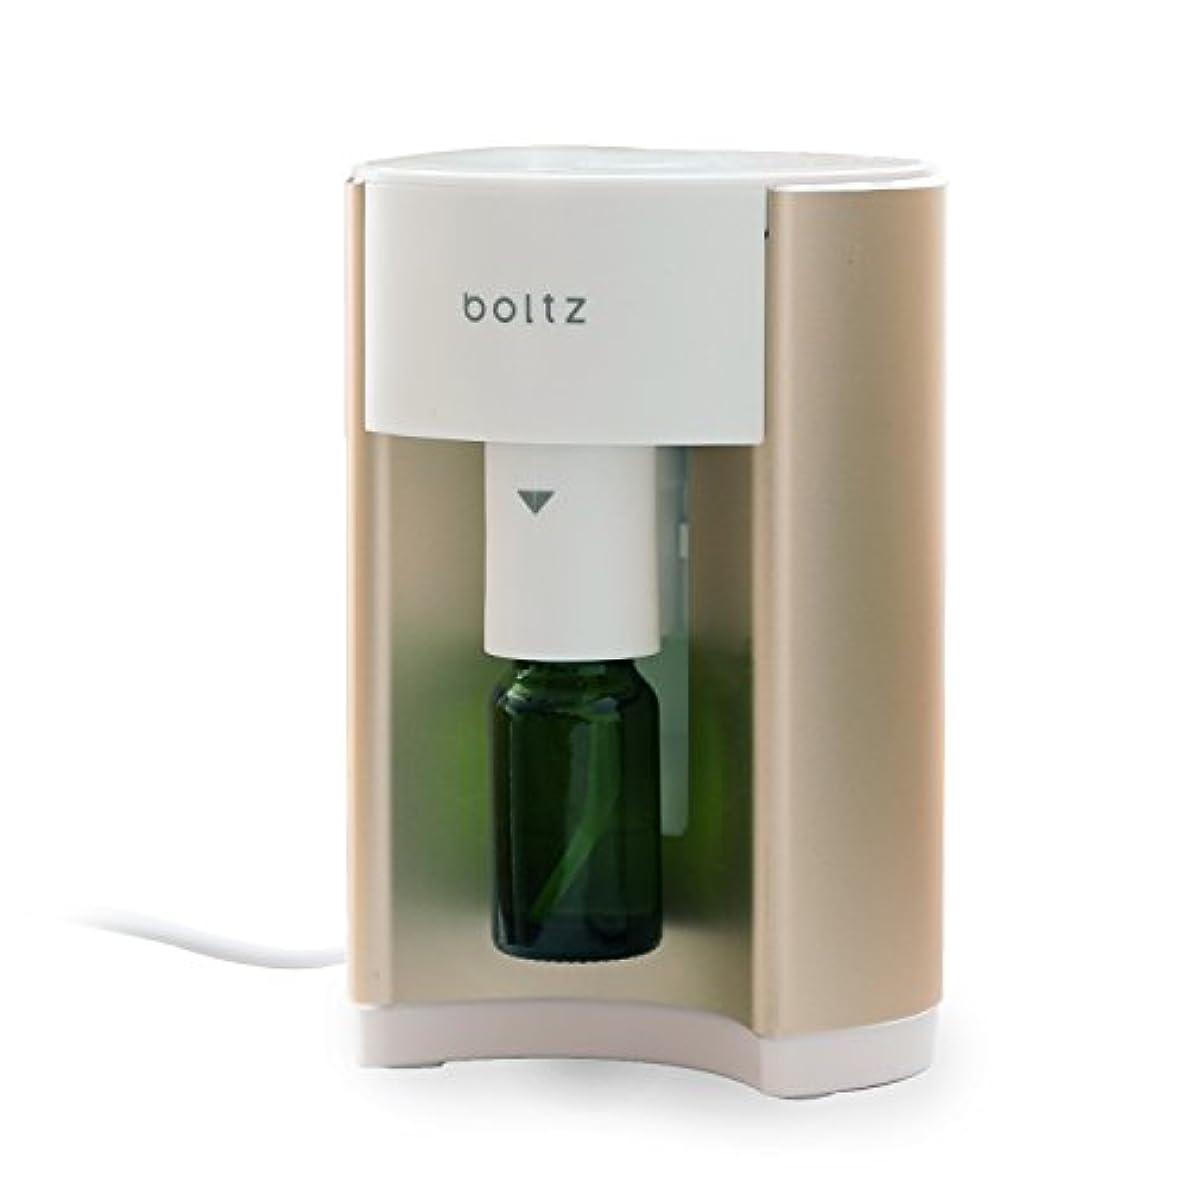 権威卵写真boltz アロマディフューザー アロマバーナー ルームフレグランス 専用ボトル付 タイマー付き ゴールド